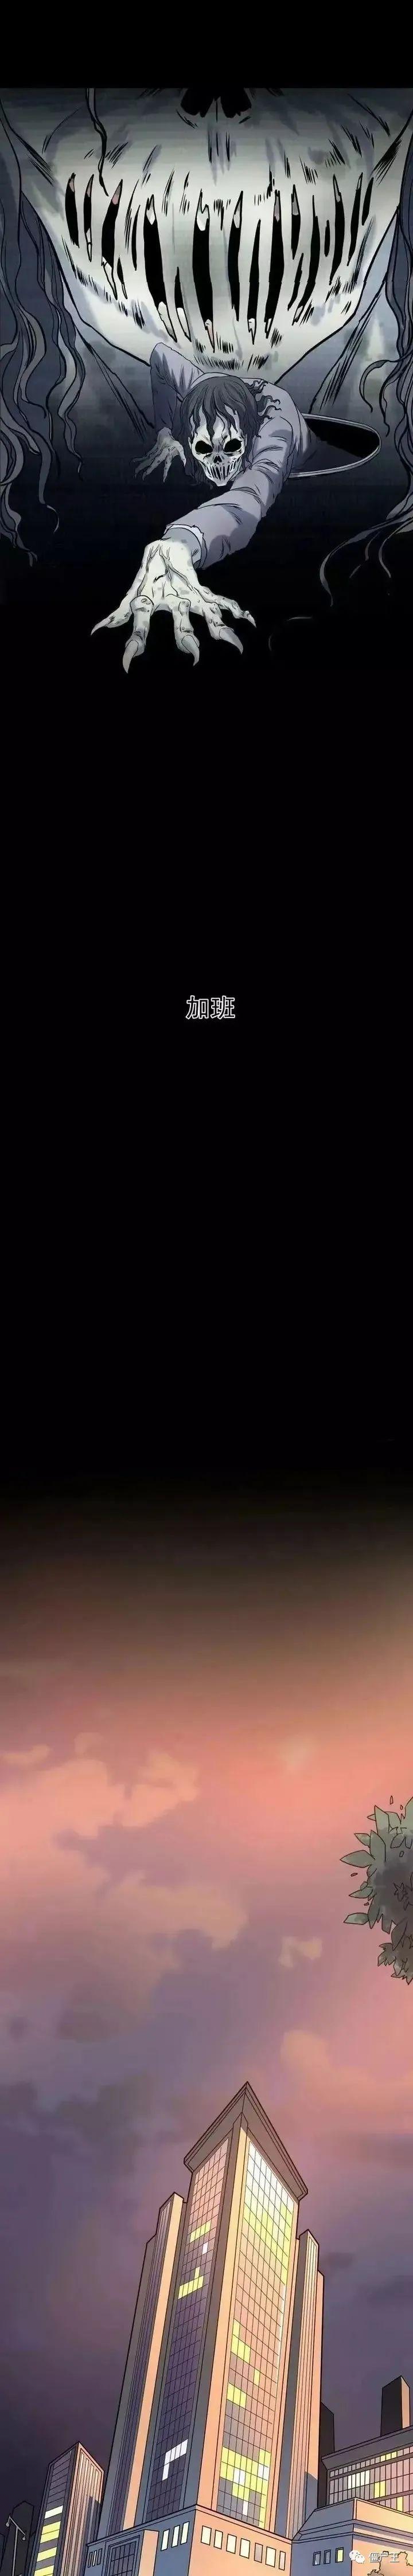 僵尸王漫画:深夜一个人加班要小心